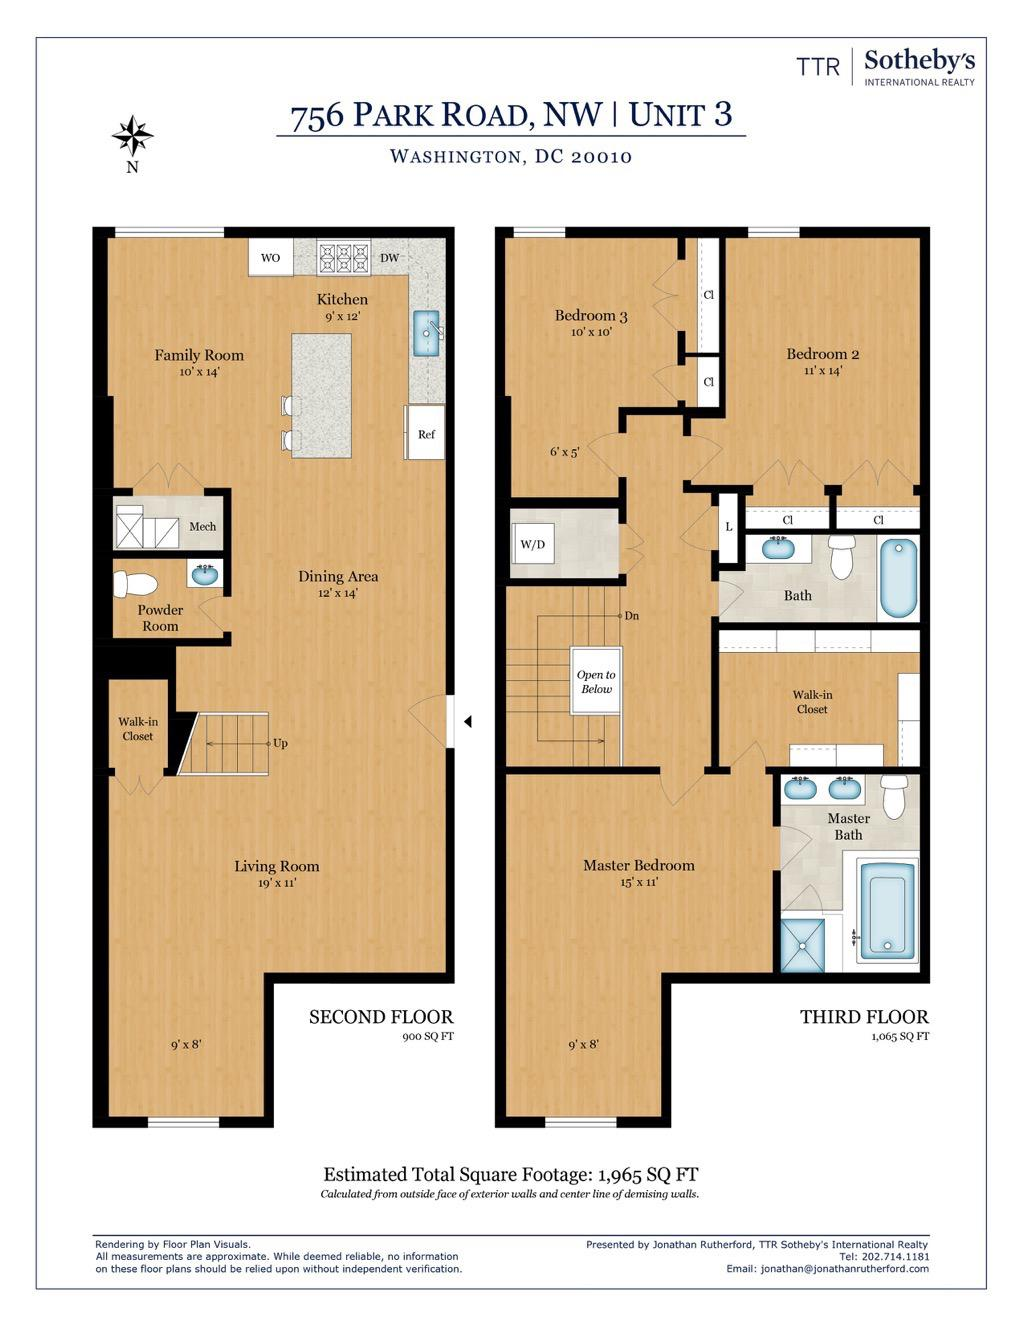 38-Floor Plans for Unit 3.jpg